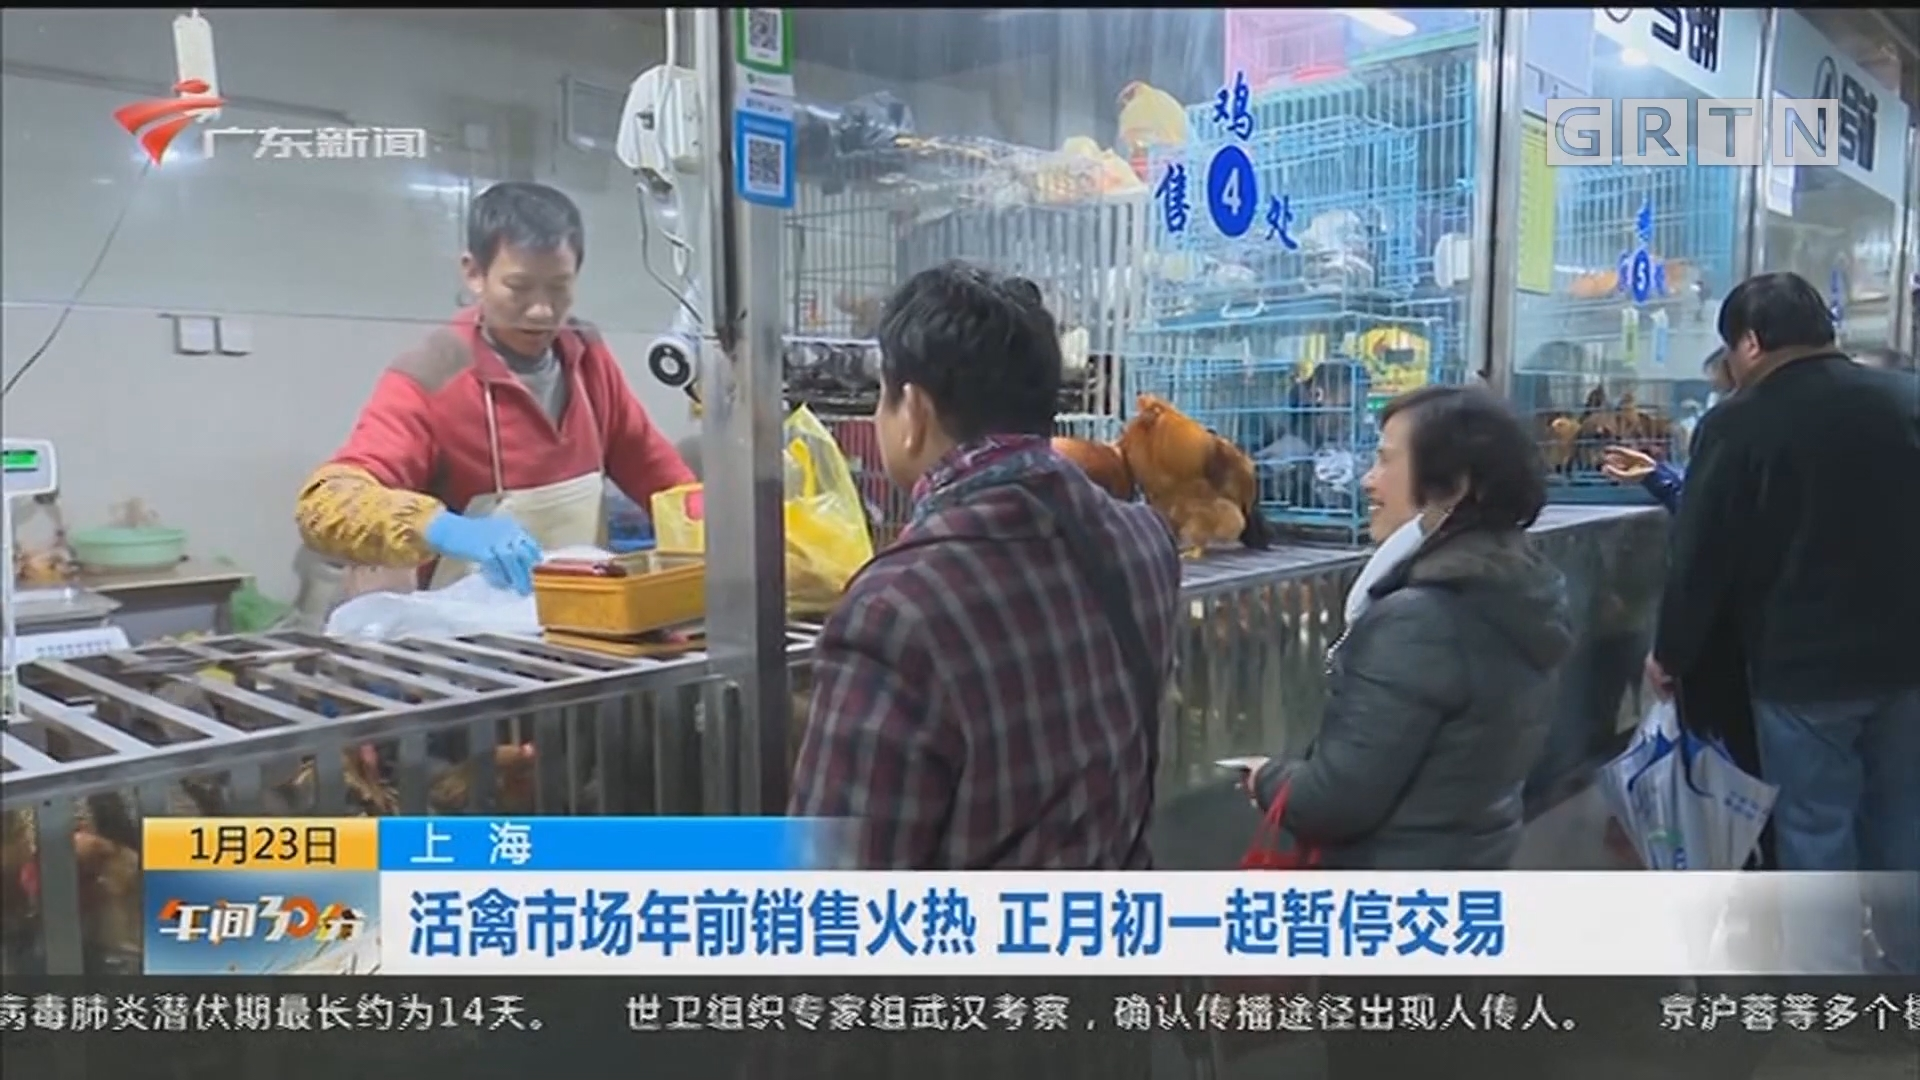 上海:活禽市场年前销售火热 正月初一起暂停交易